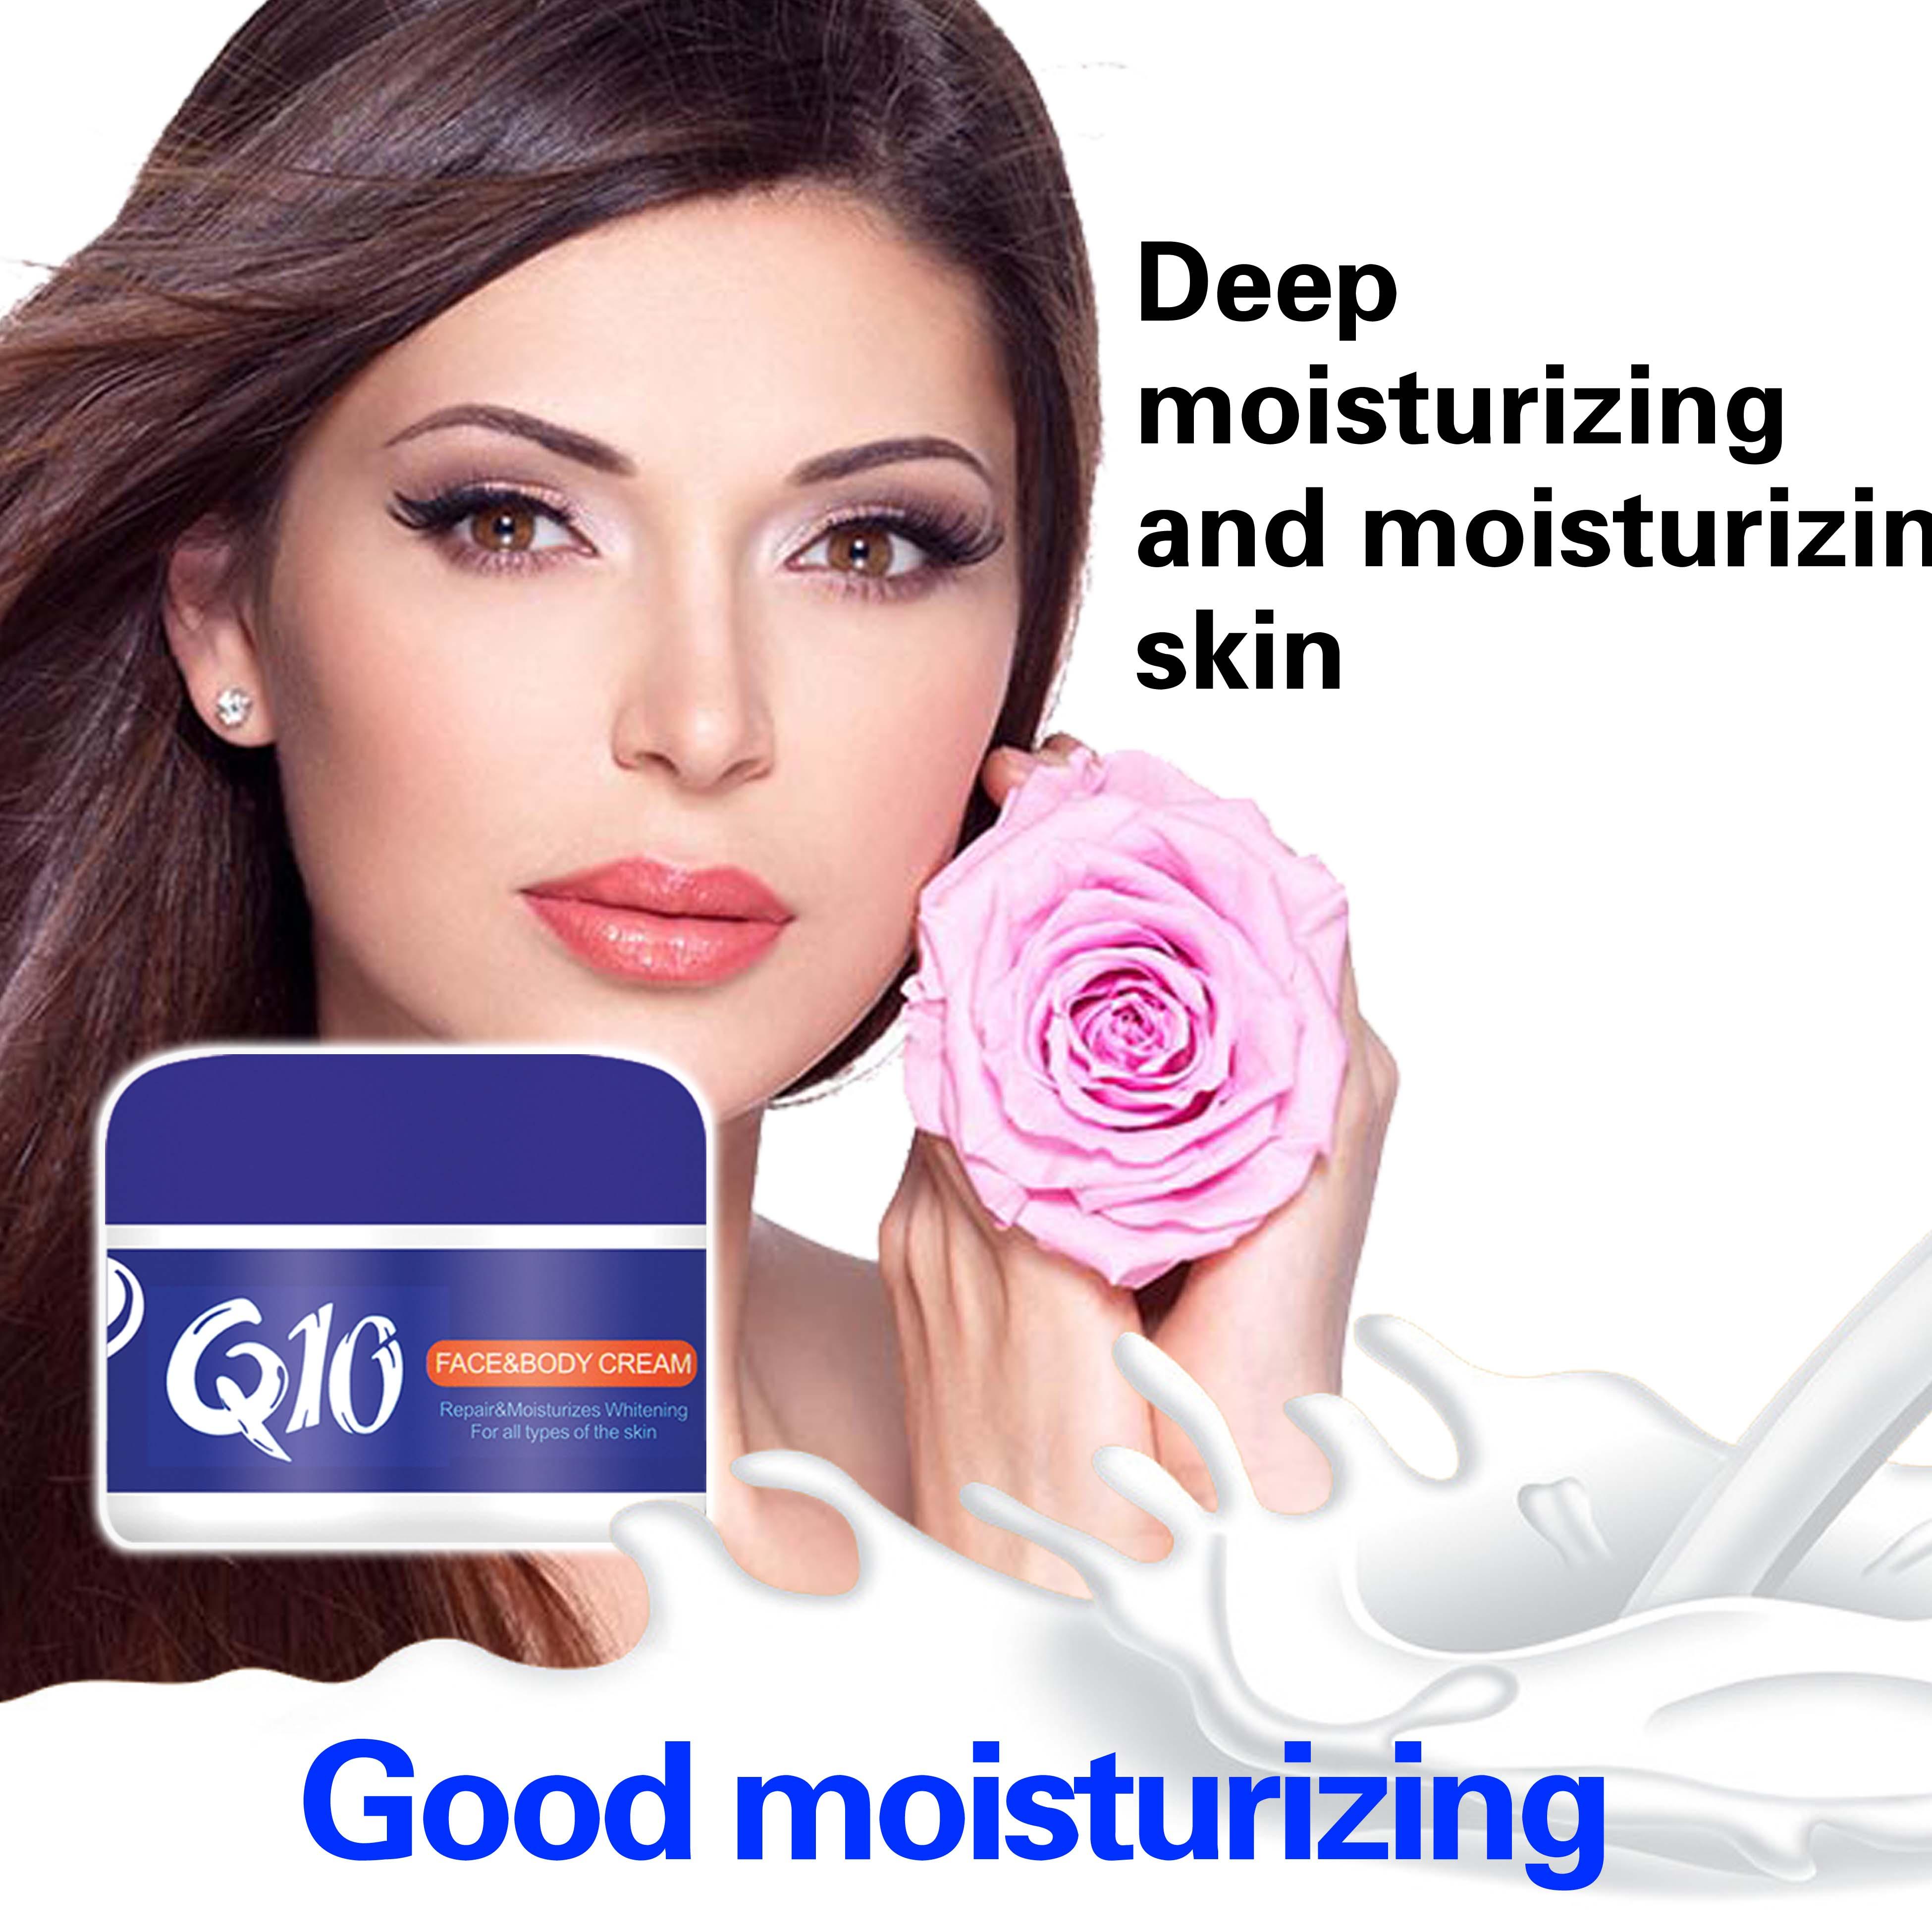 Q10 body cream